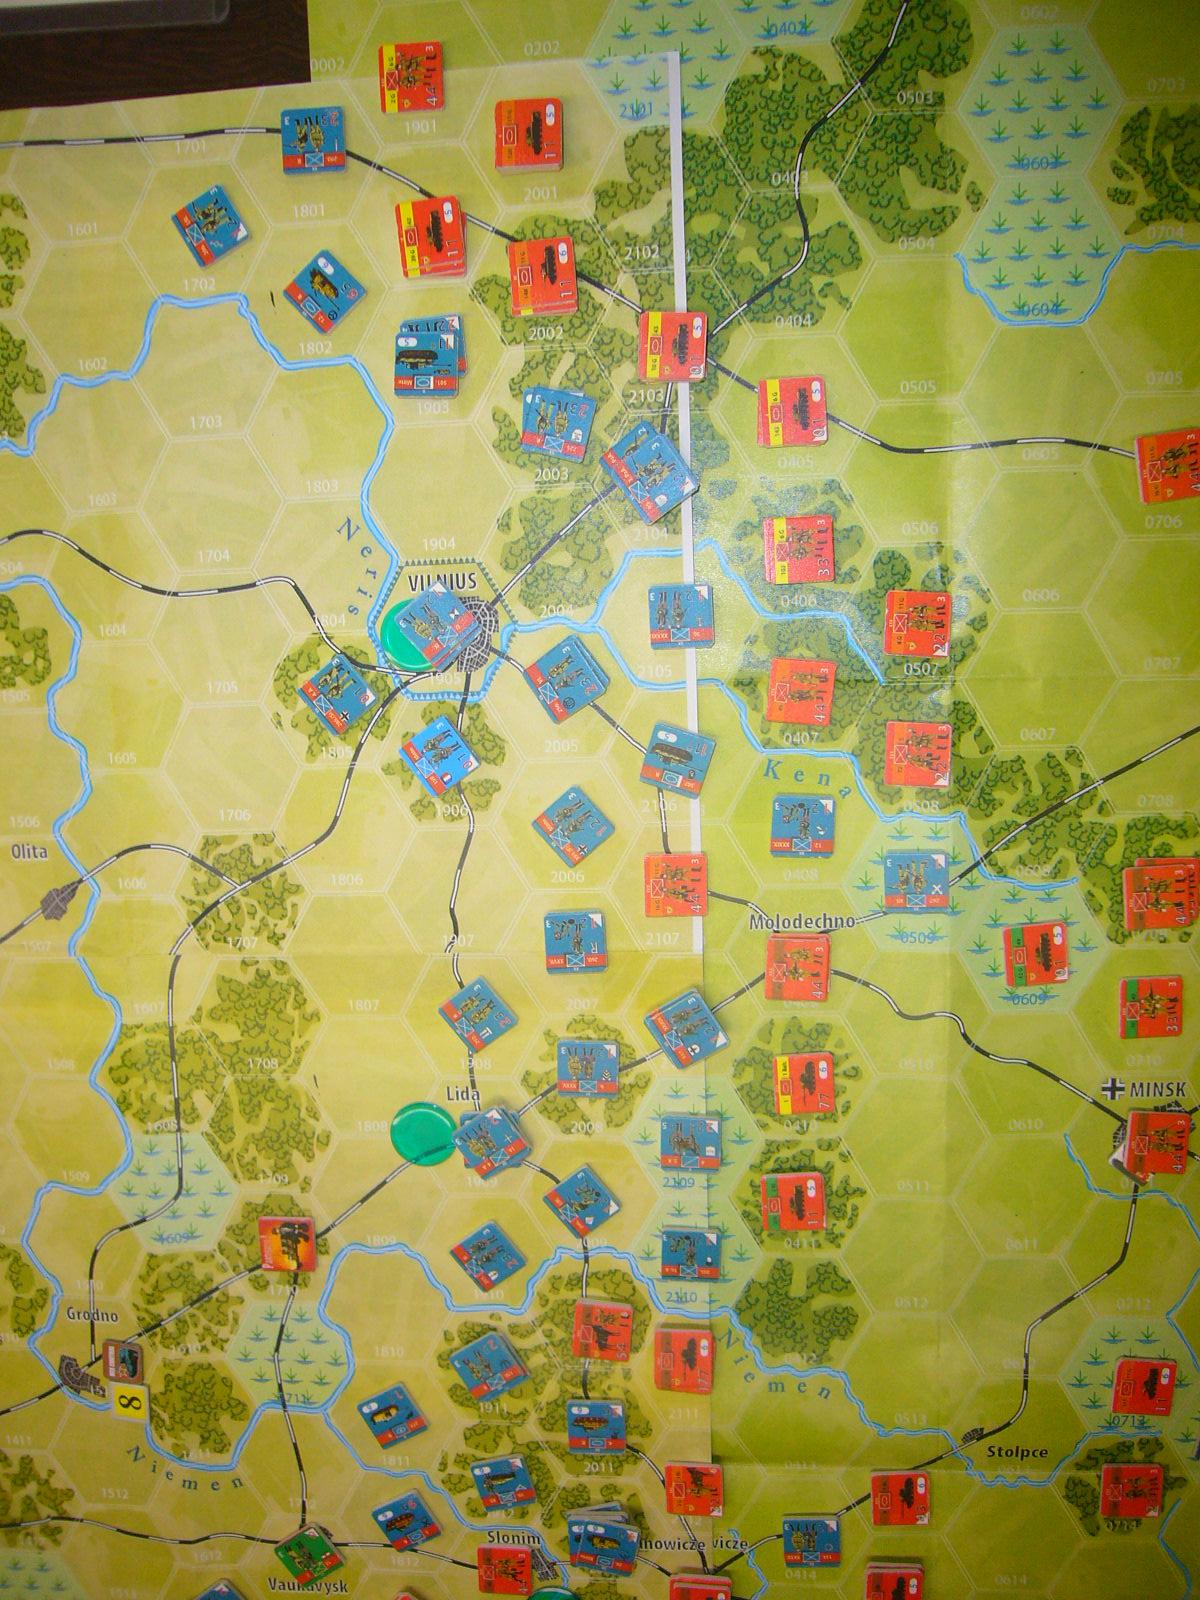 YSGA 9月例会の様子その5(仏C&H社製の東部戦線1944 『バグラチオン作戦』+『ワルシャワ蜂起』)その➌_b0173672_00075654.jpg